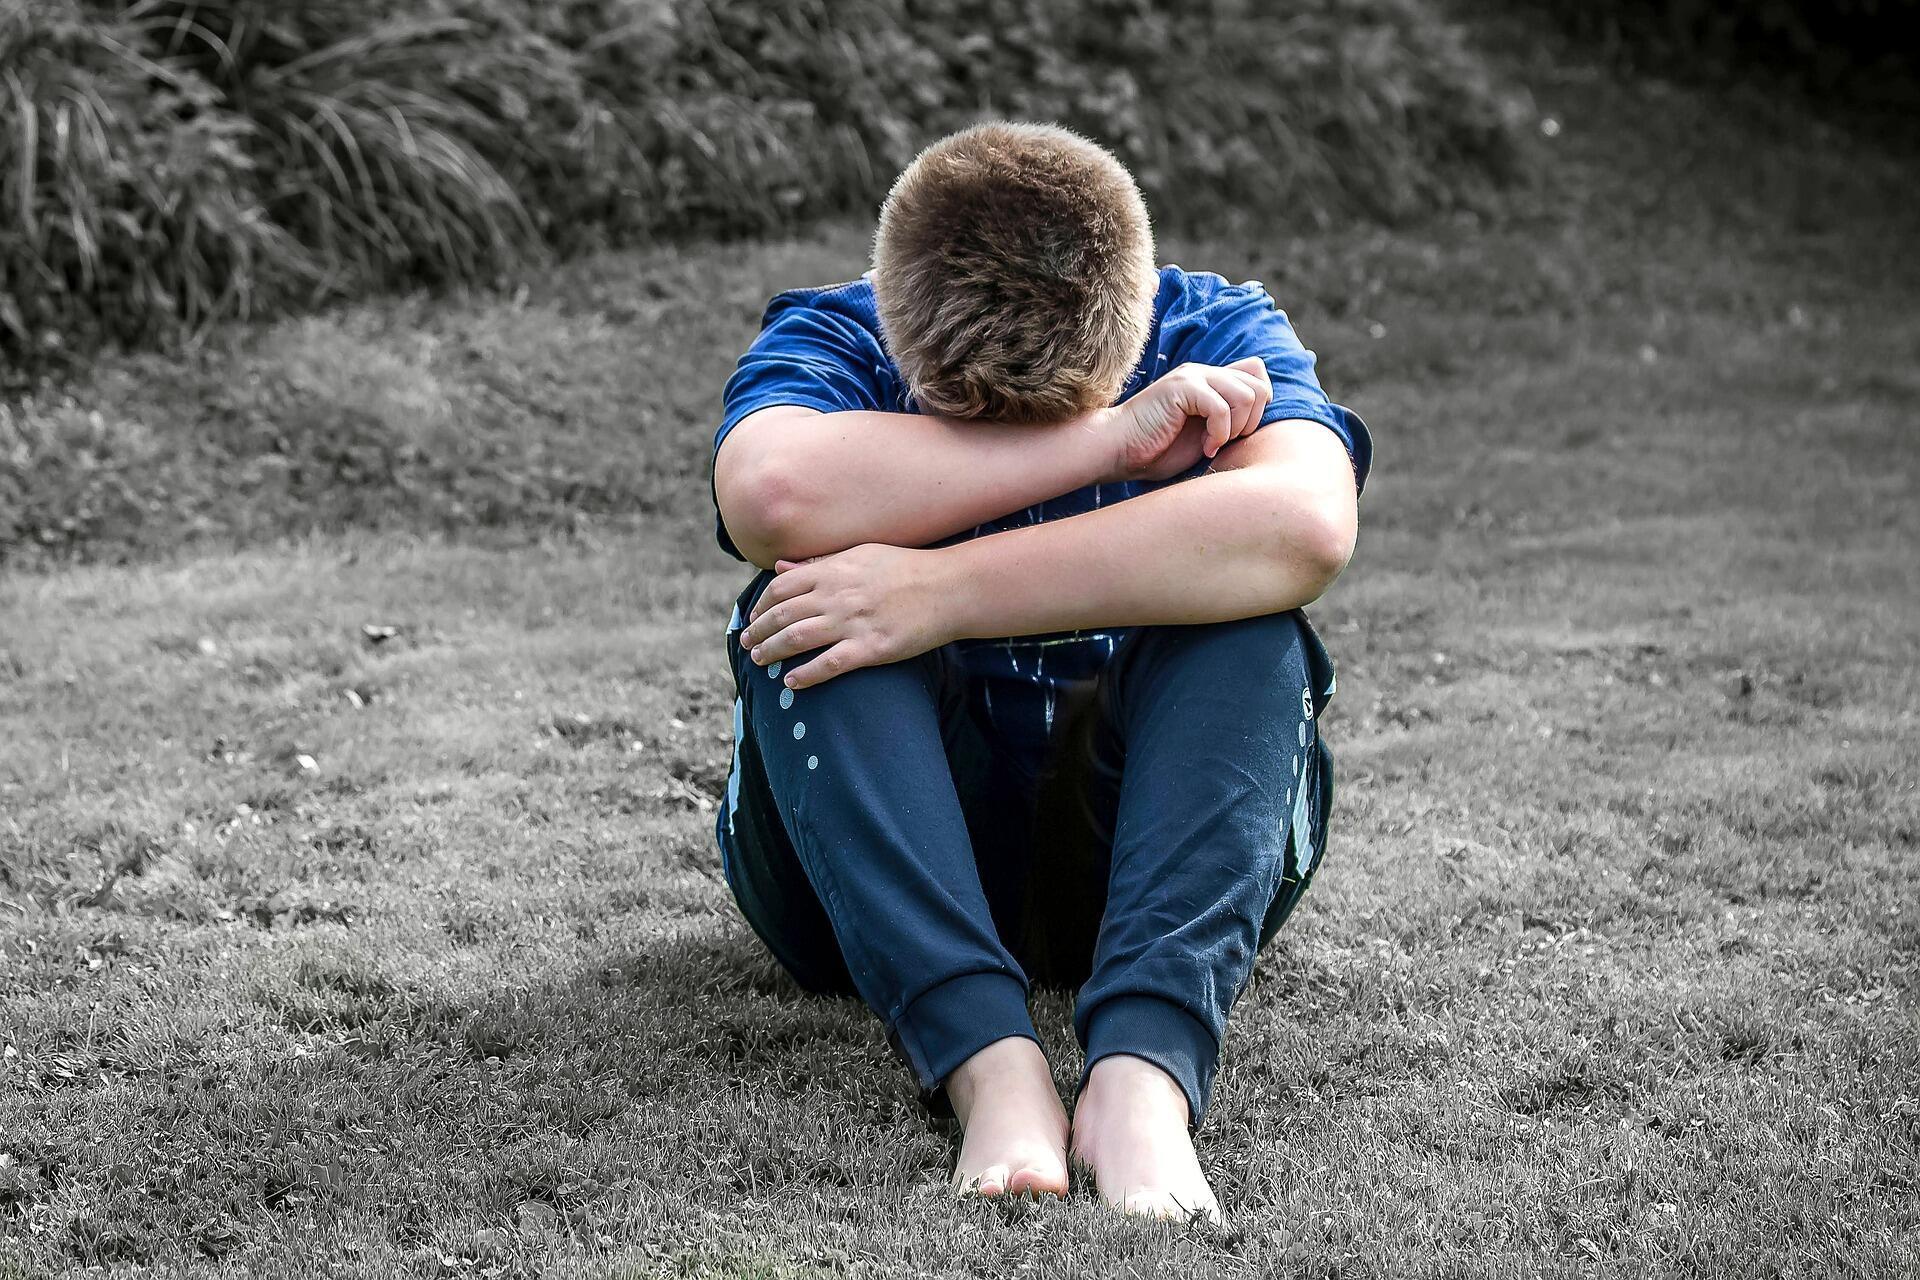 Pesquisadores advertem que a repetição de situações de estresse na vida da criança os torna propensos a várias patologias crônicas na fase adulta.